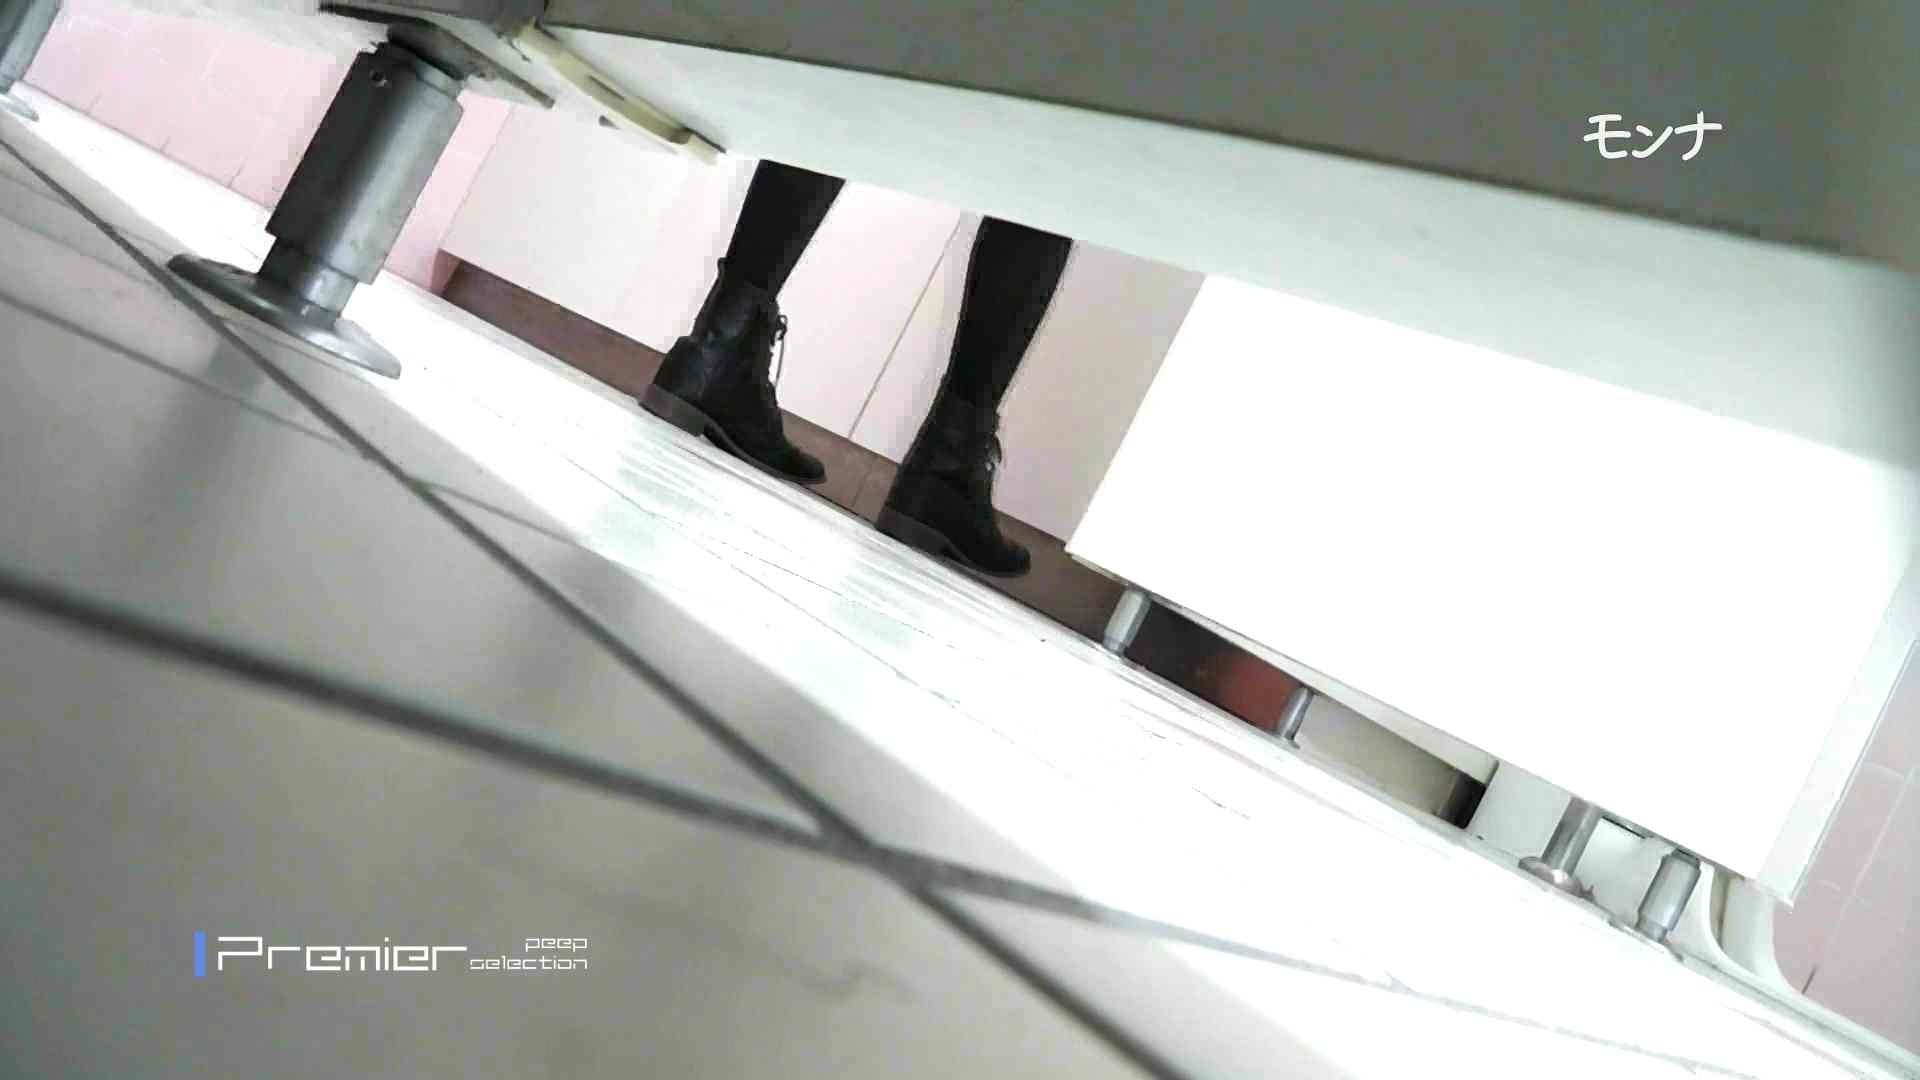 遂に!!戸田恵梨香似の予告モデル登場ダッシュで「大」 おまんこ無修正 盗撮われめAV動画紹介 105pic 68